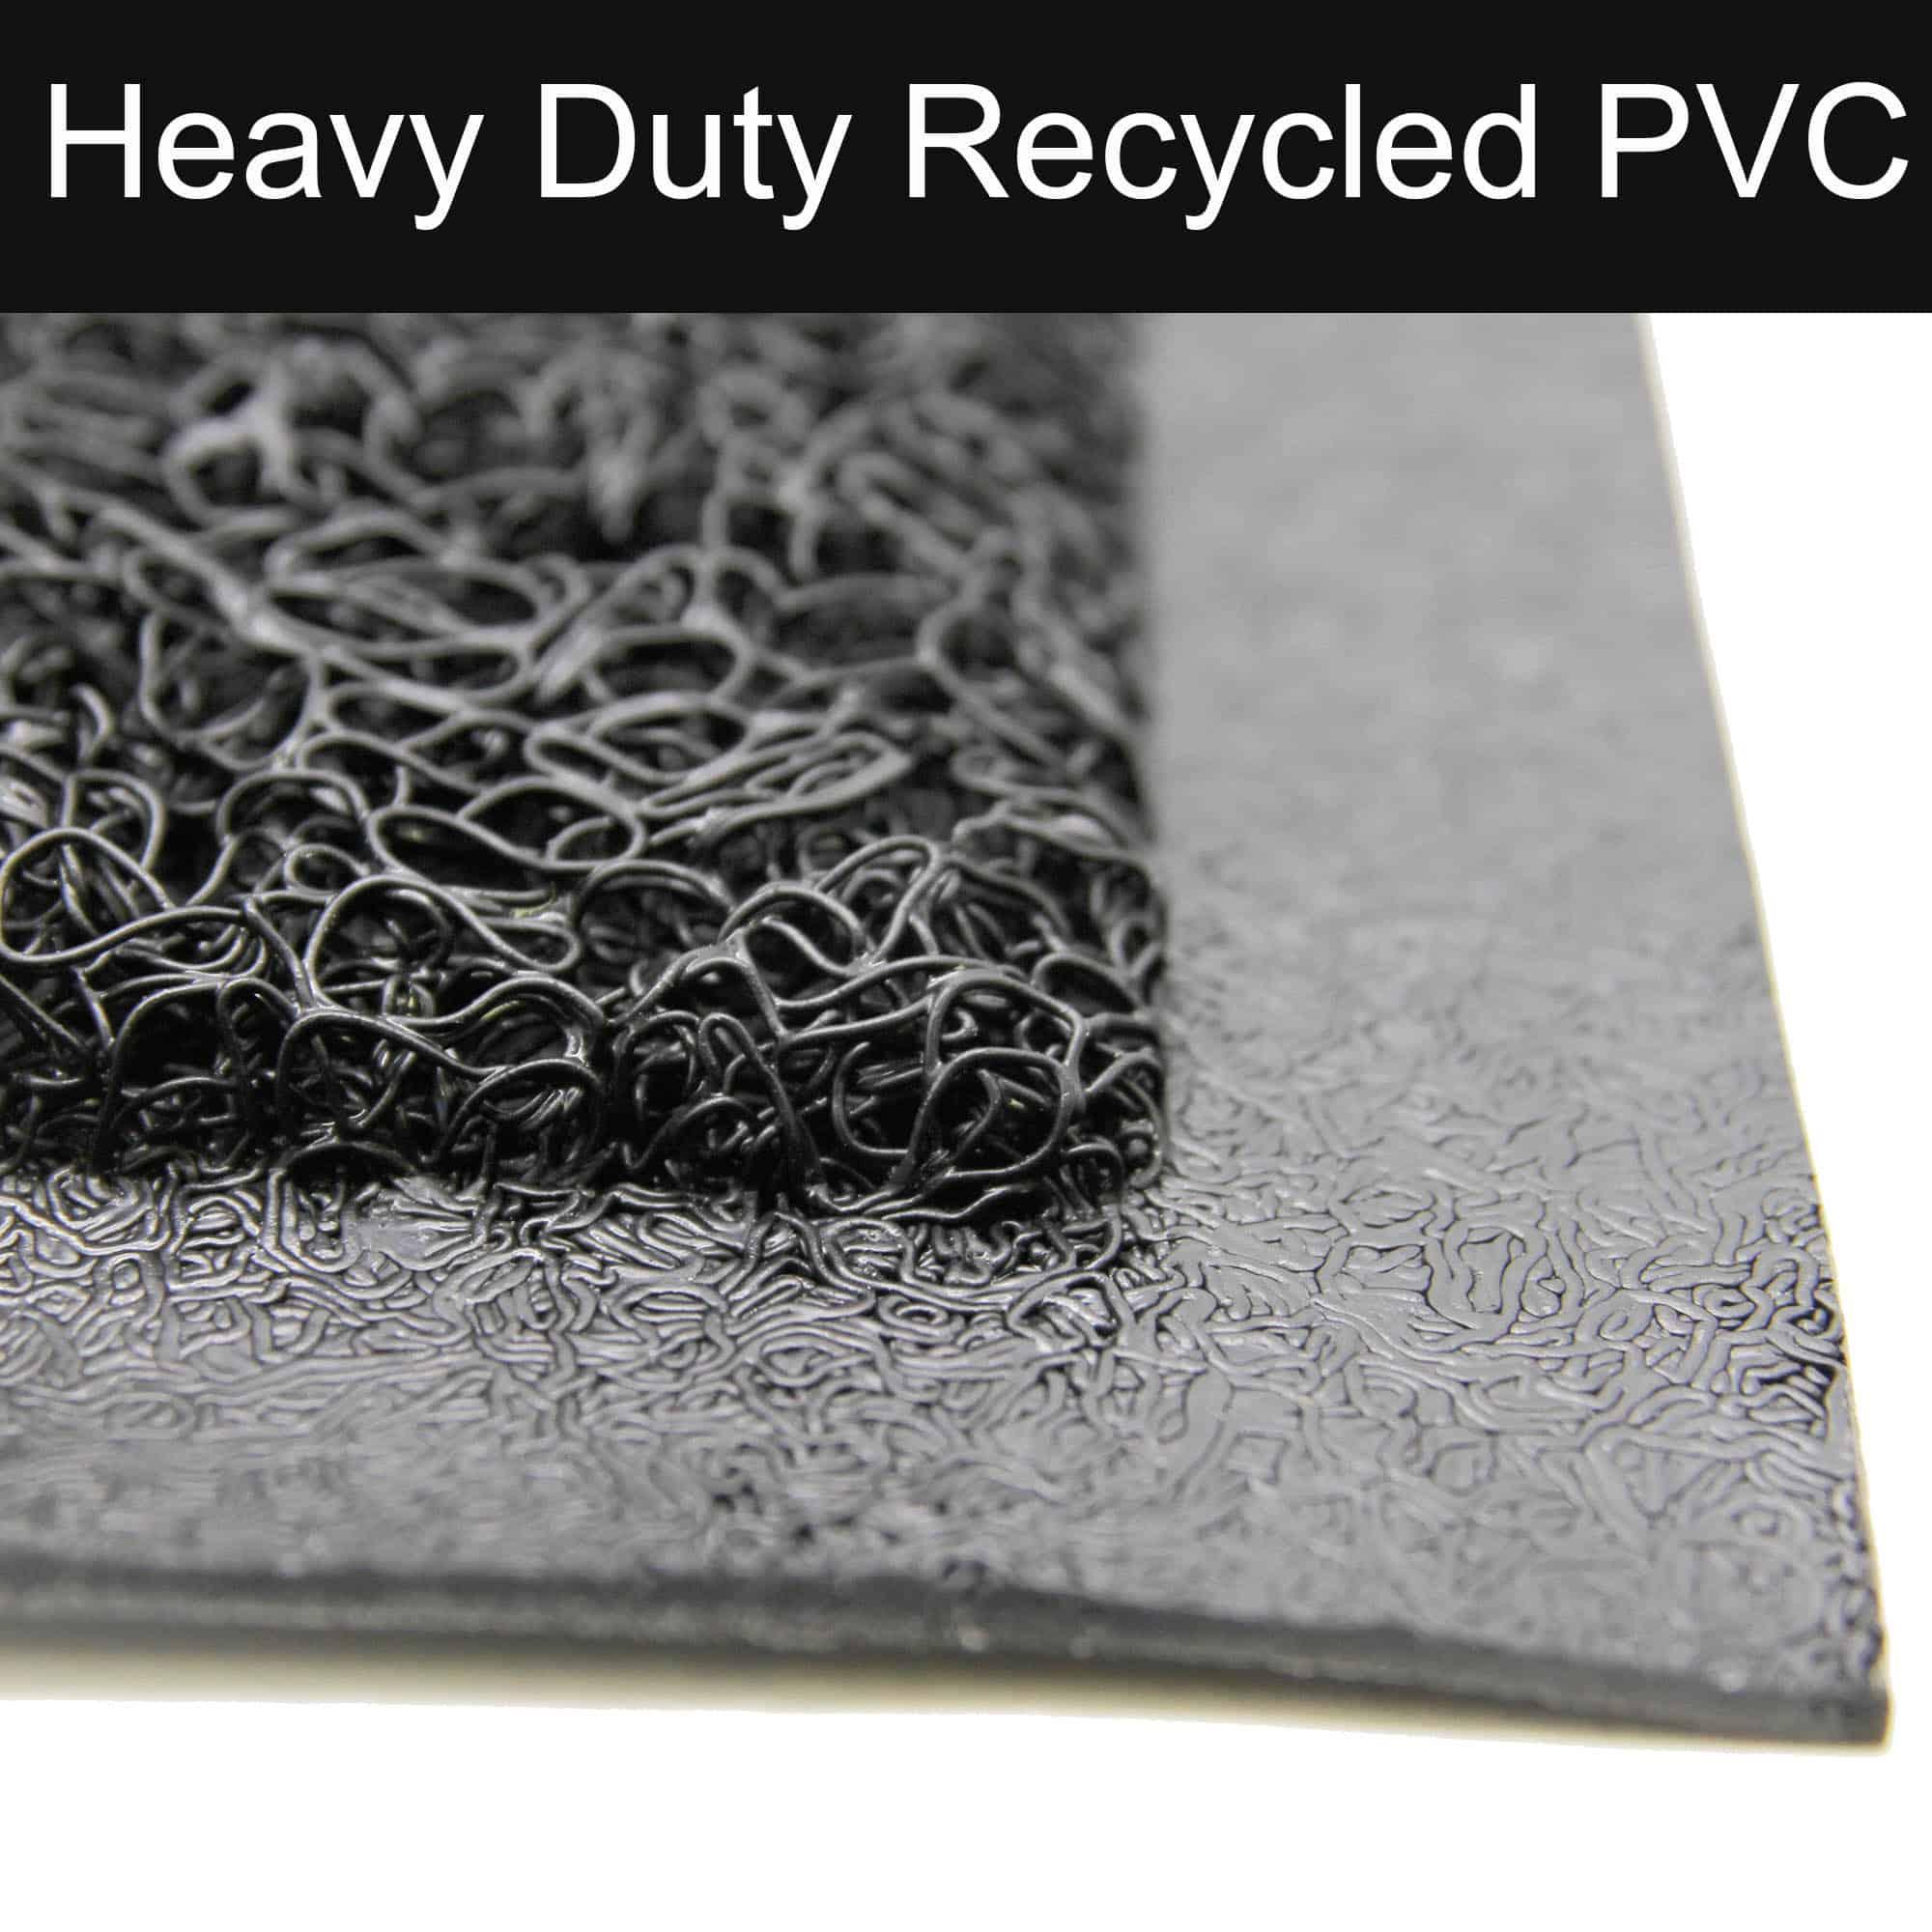 """Outdoor Runner Mat Scraper Front Door Mat Recycled PVC Non-Slip Backing 48""""x18"""" Black"""